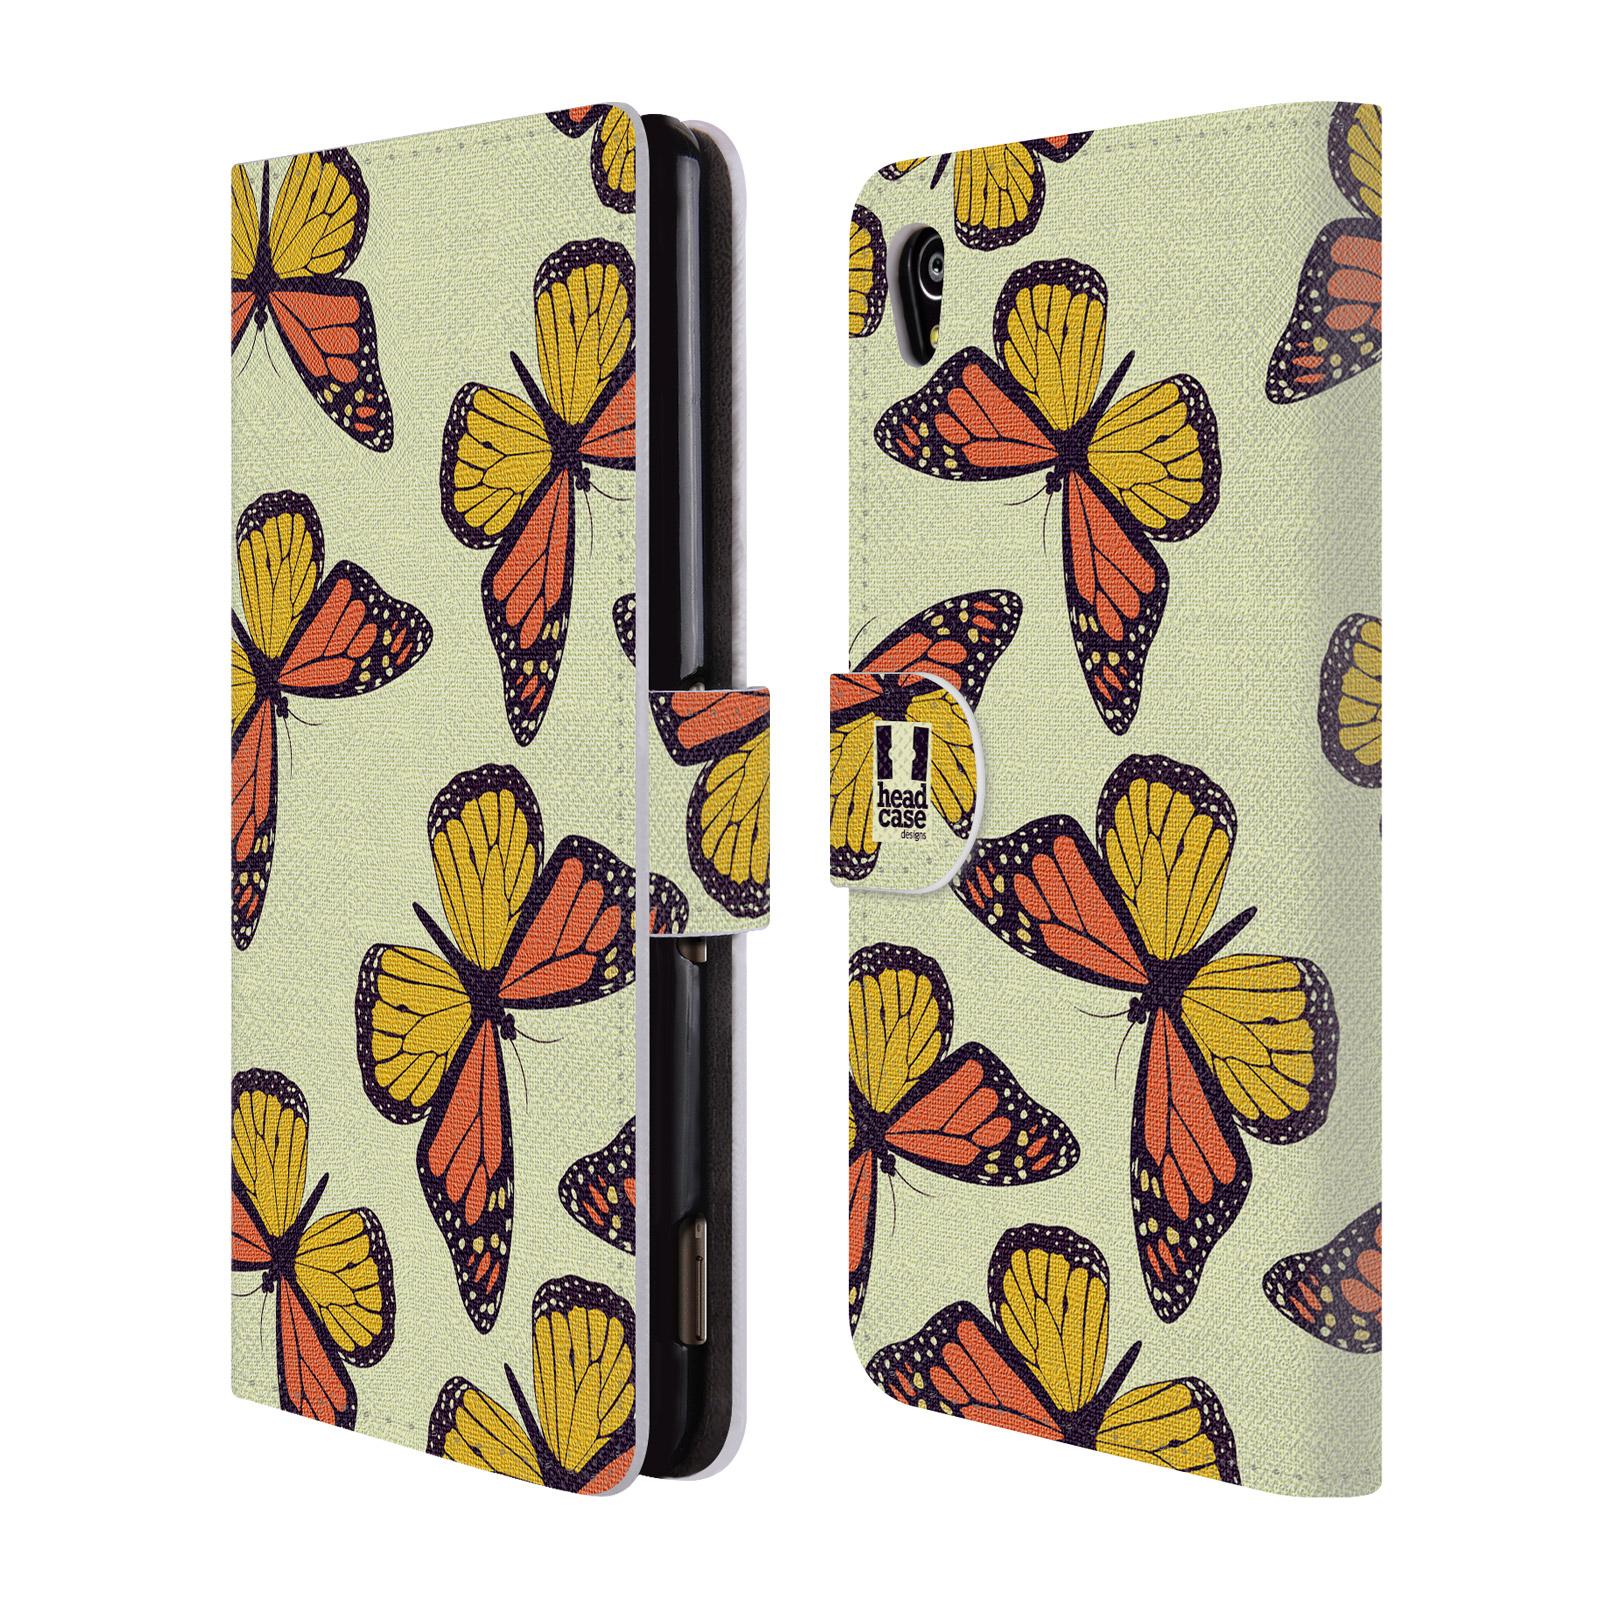 HEAD CASE Flipové pouzdro pro mobil SONY XPERIA M4 AQUA Vzorkovaný motýl Monarcha oranžová